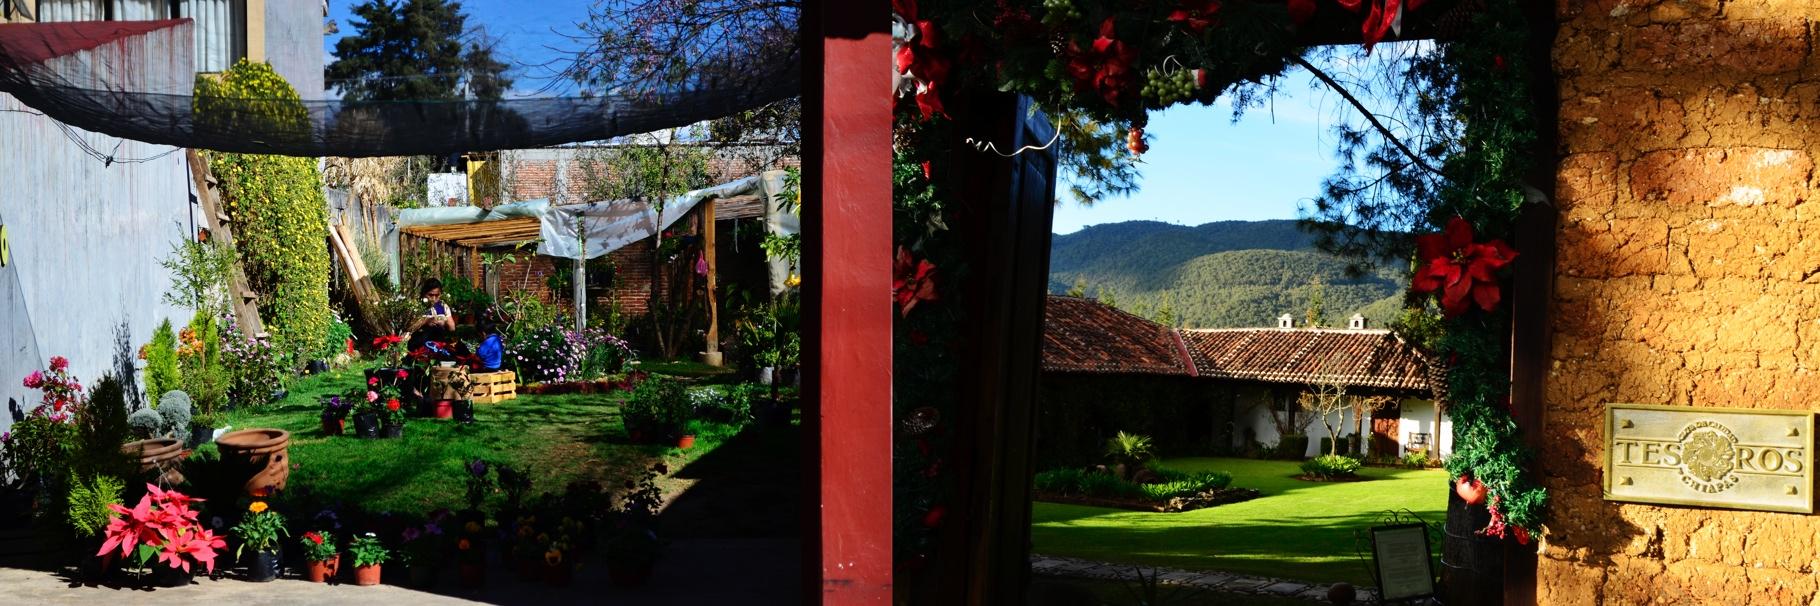 San_Cristóbal_de_las_Casas_7